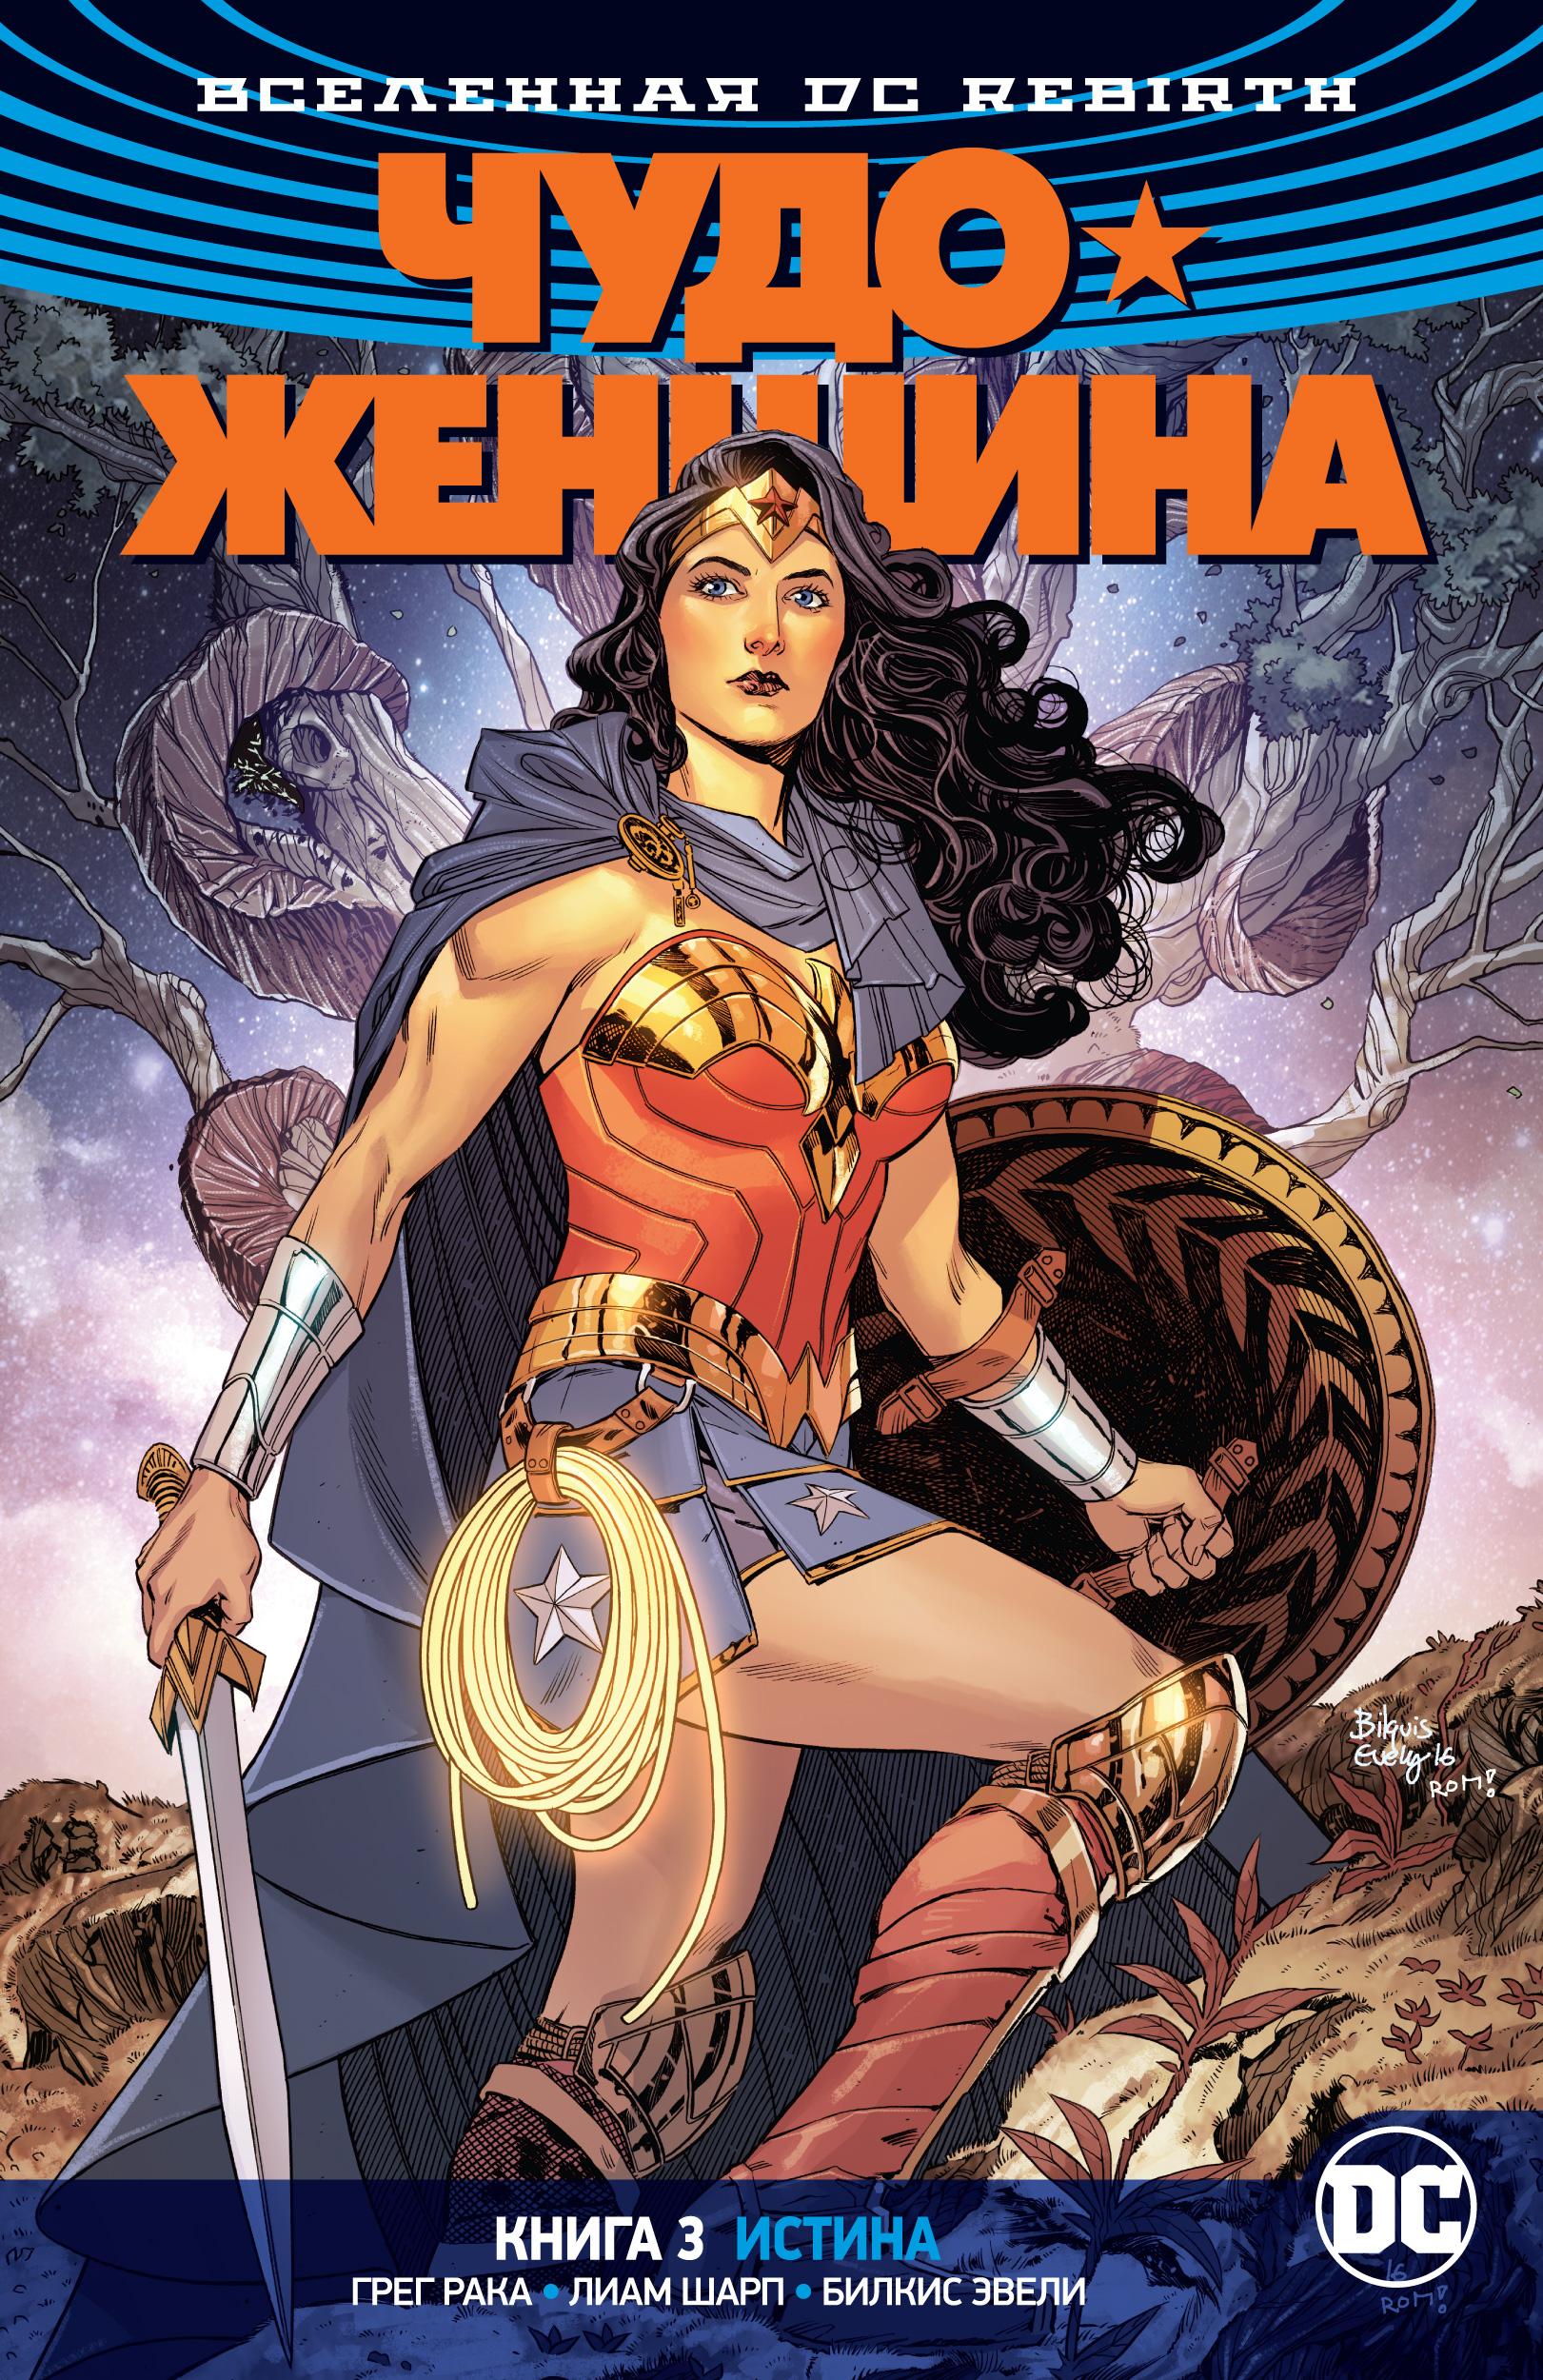 Графический роман Вселенная DC. Rebirth Чудо-Женщина. Книга 3, Истина